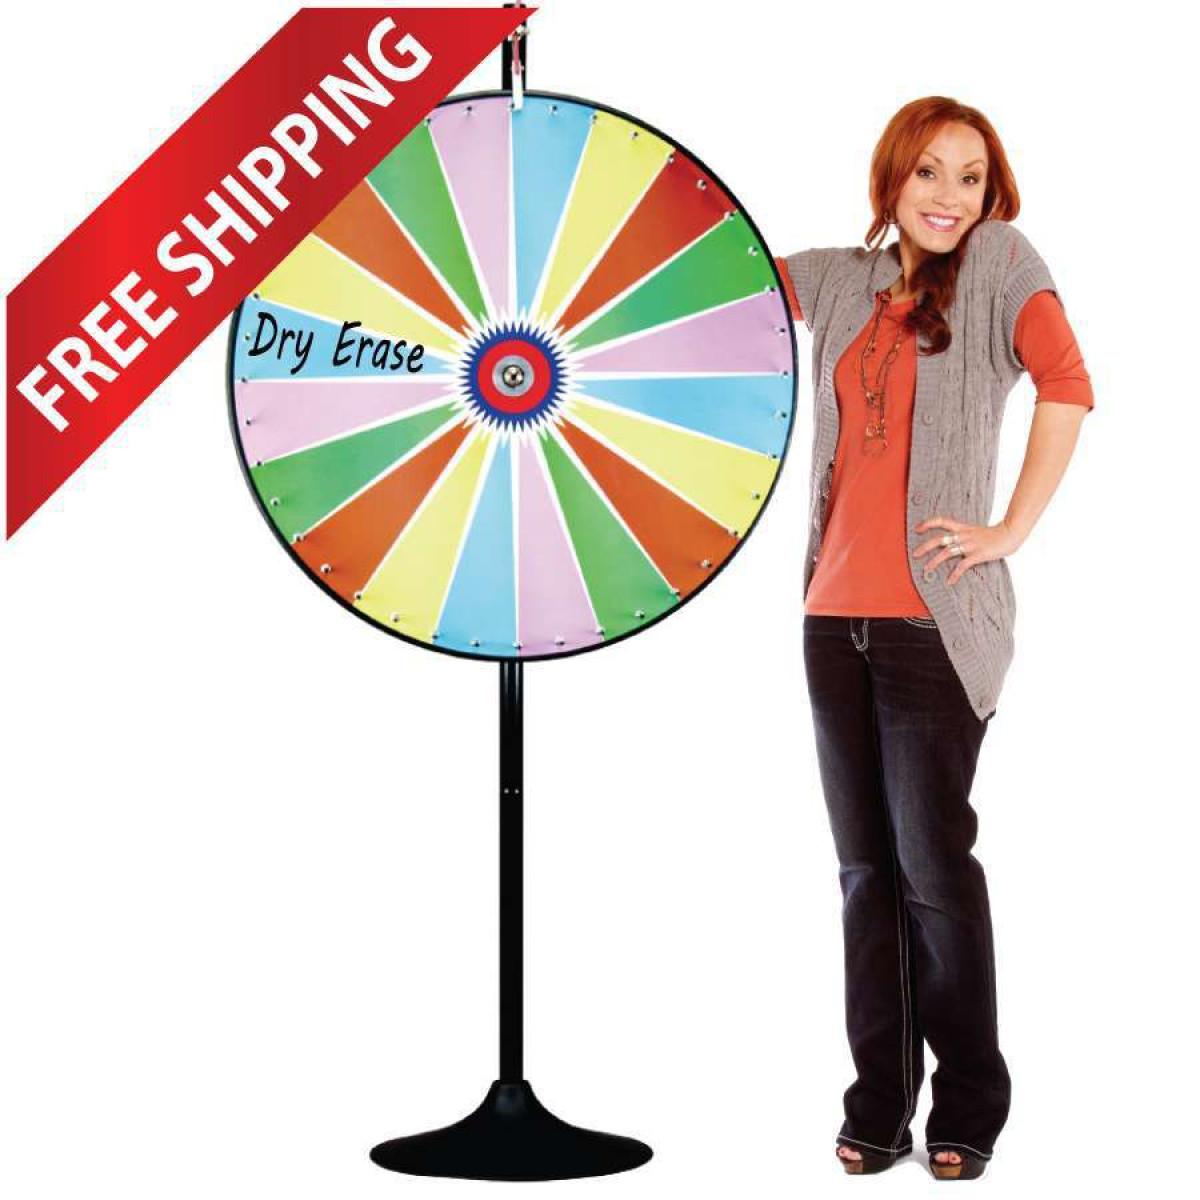 Brilliant zone prizes for carnival games